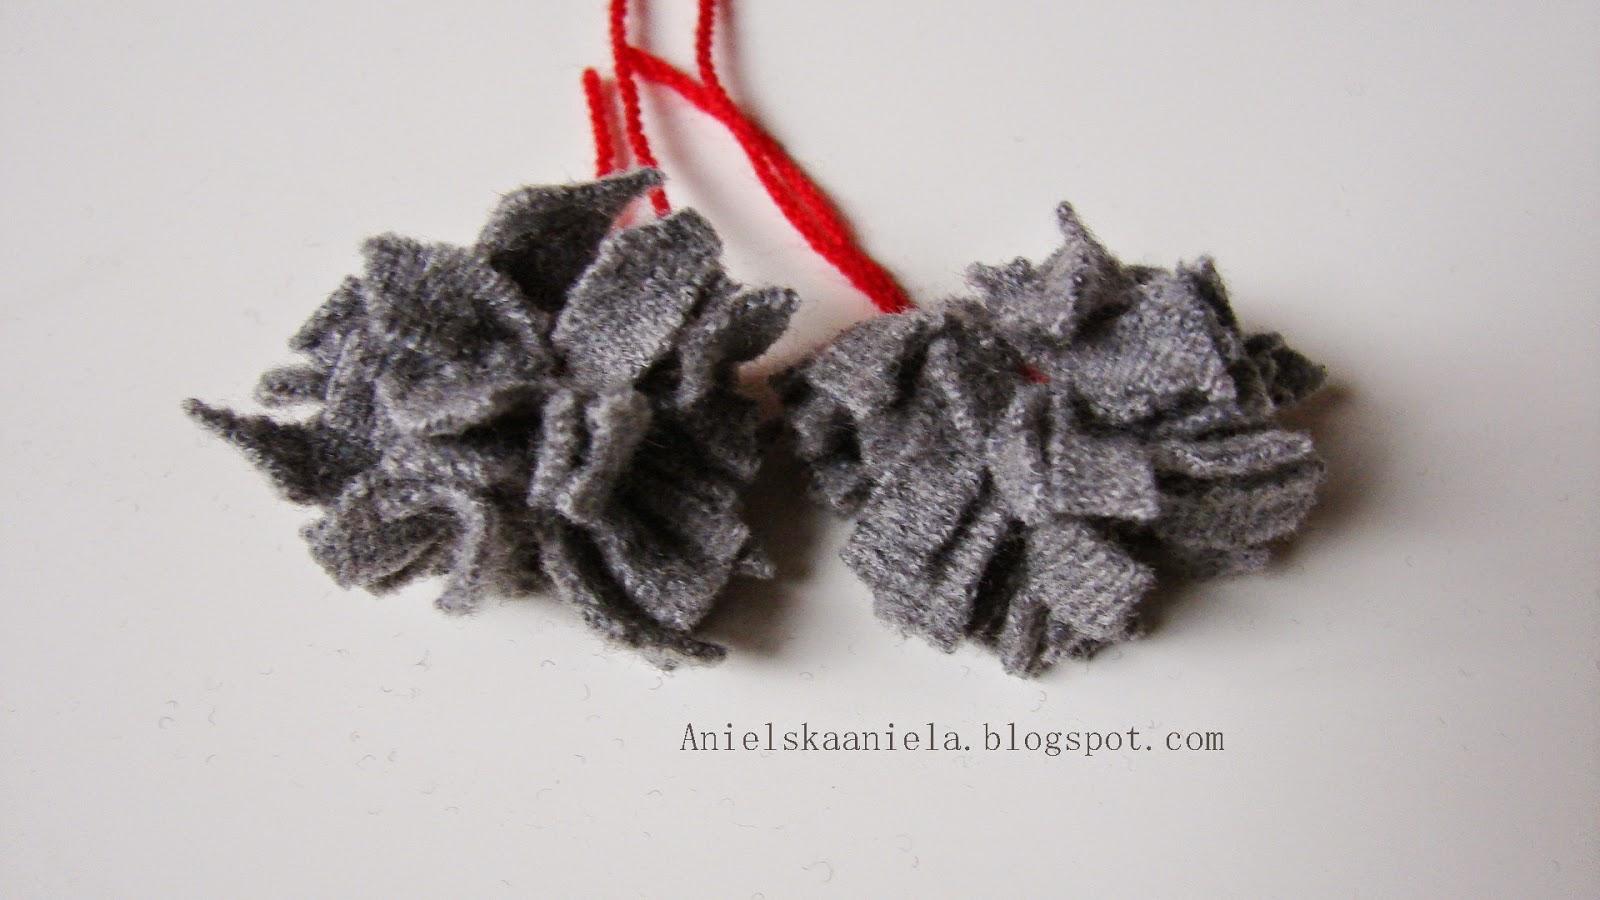 DIY TUTORIAL recycled yarn  jak pozyskać włóczkę z ubrań?